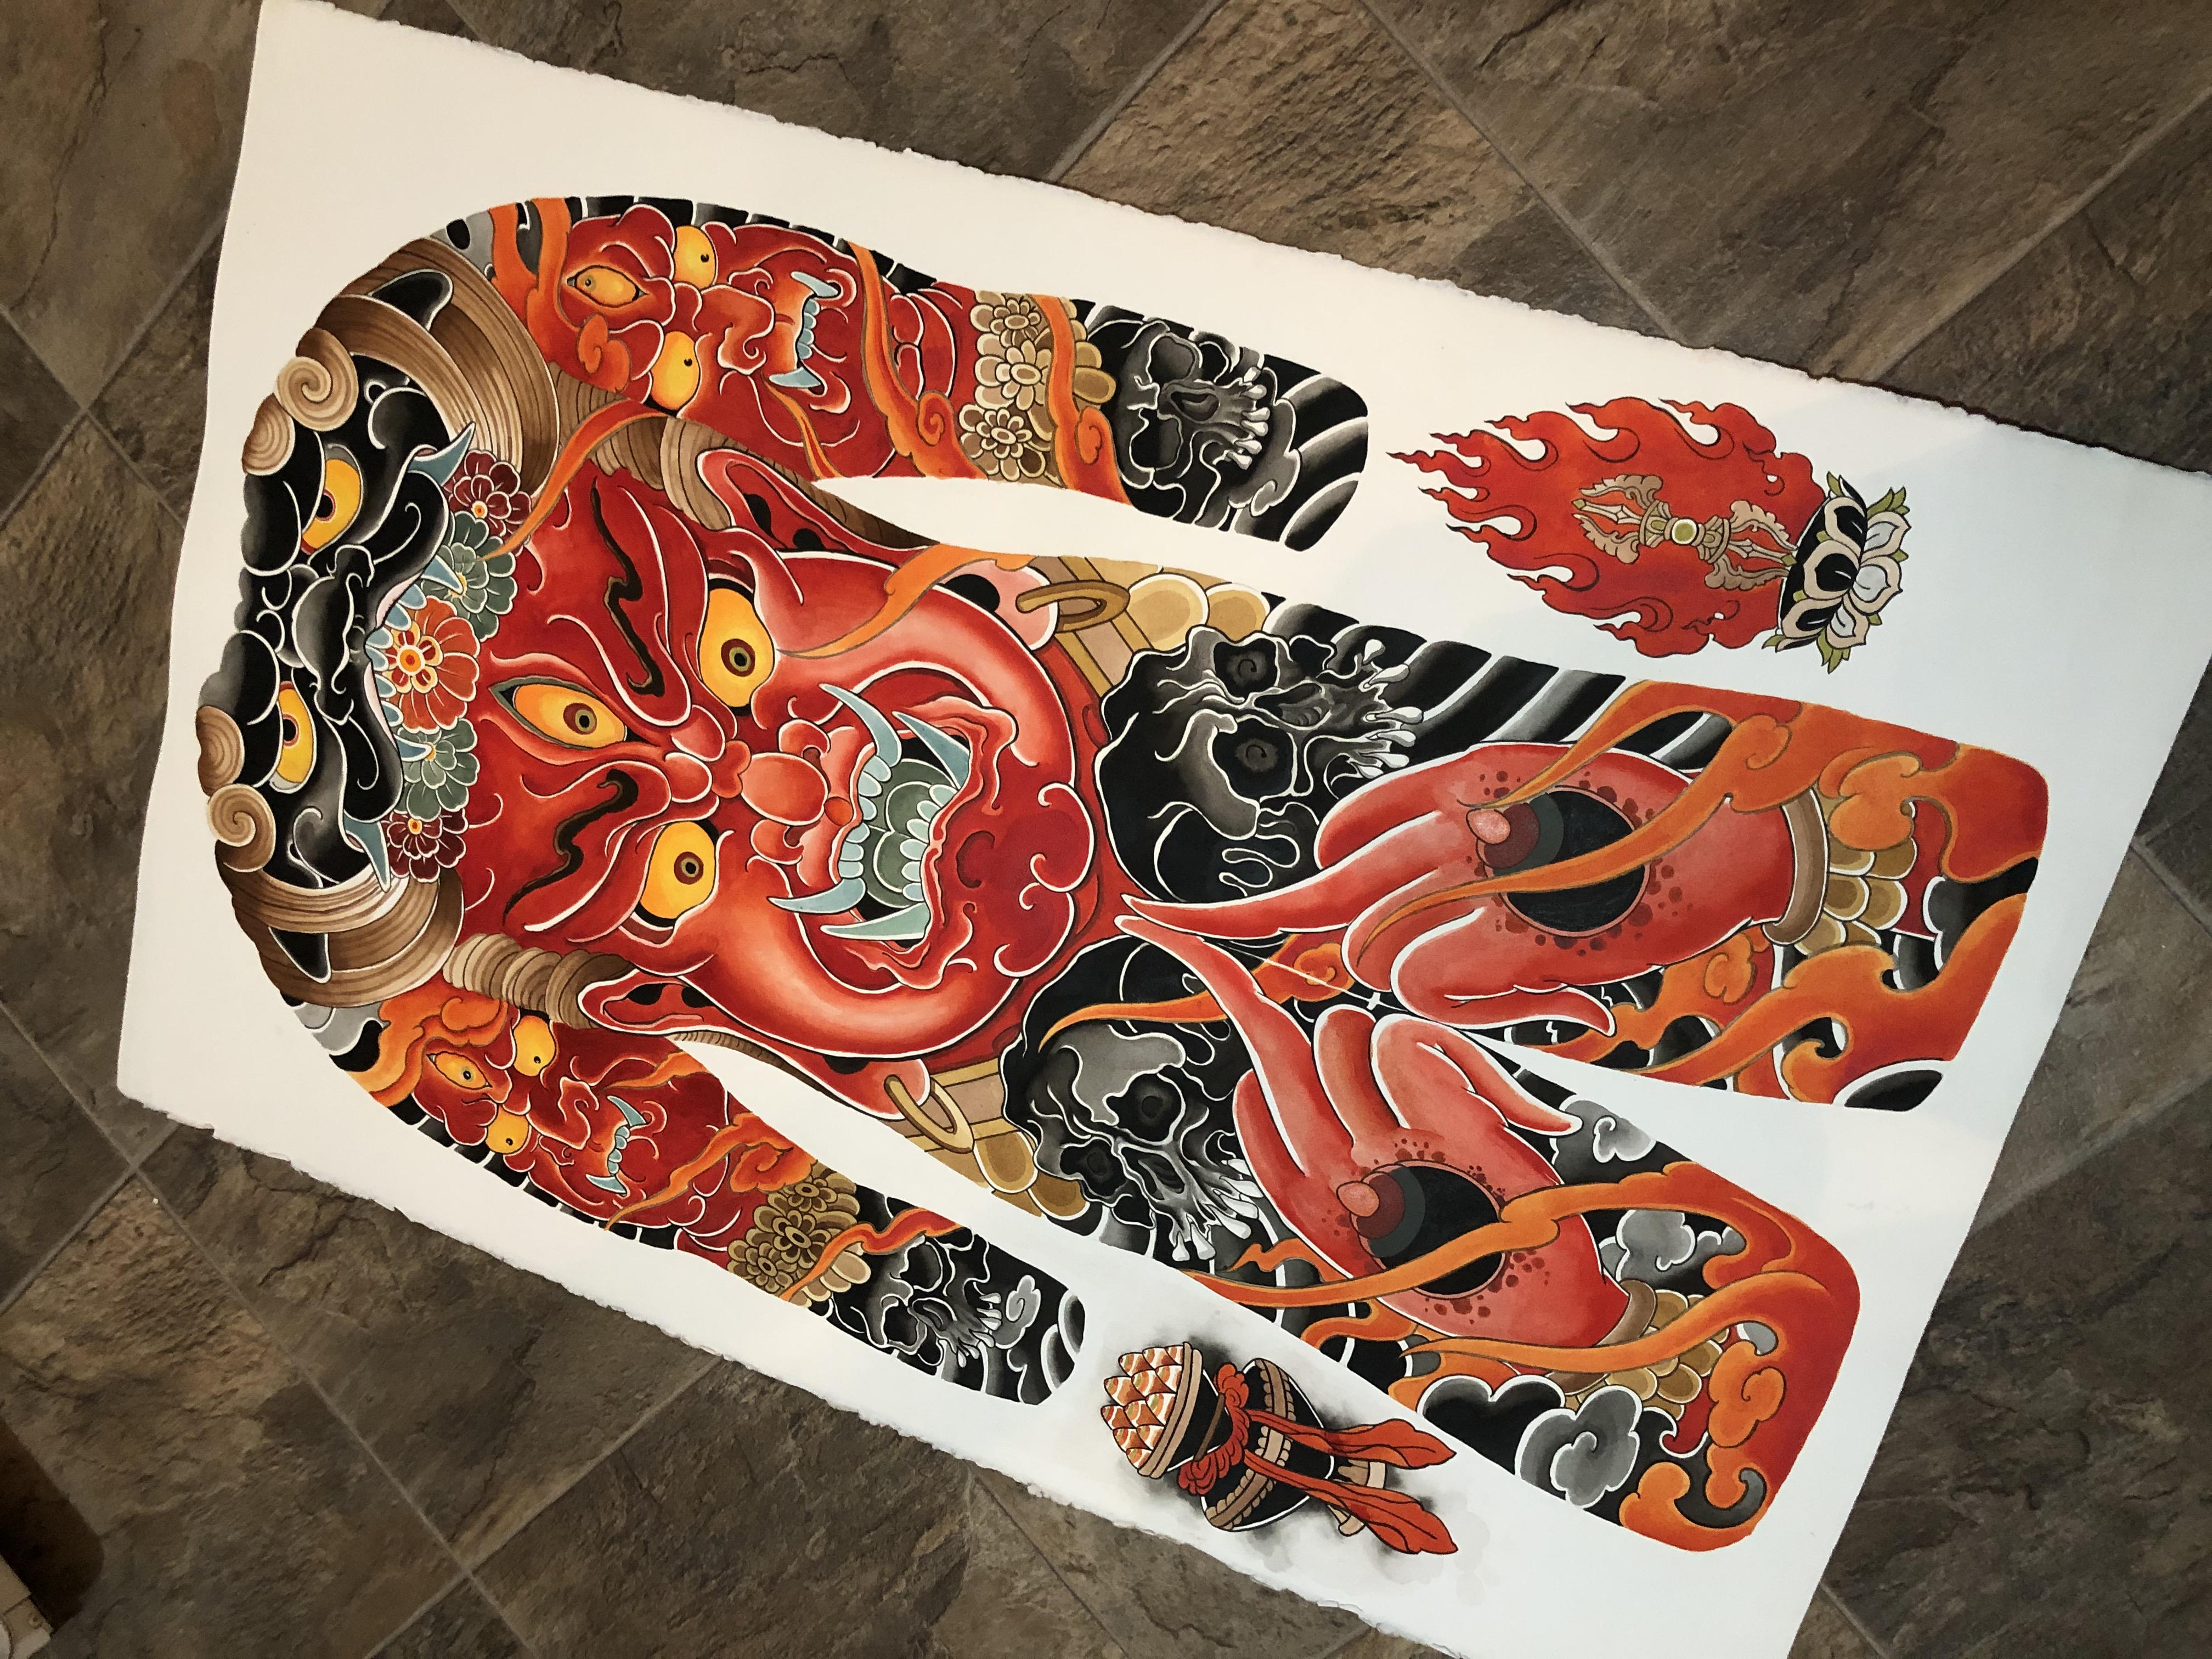 brian faulk tattoo